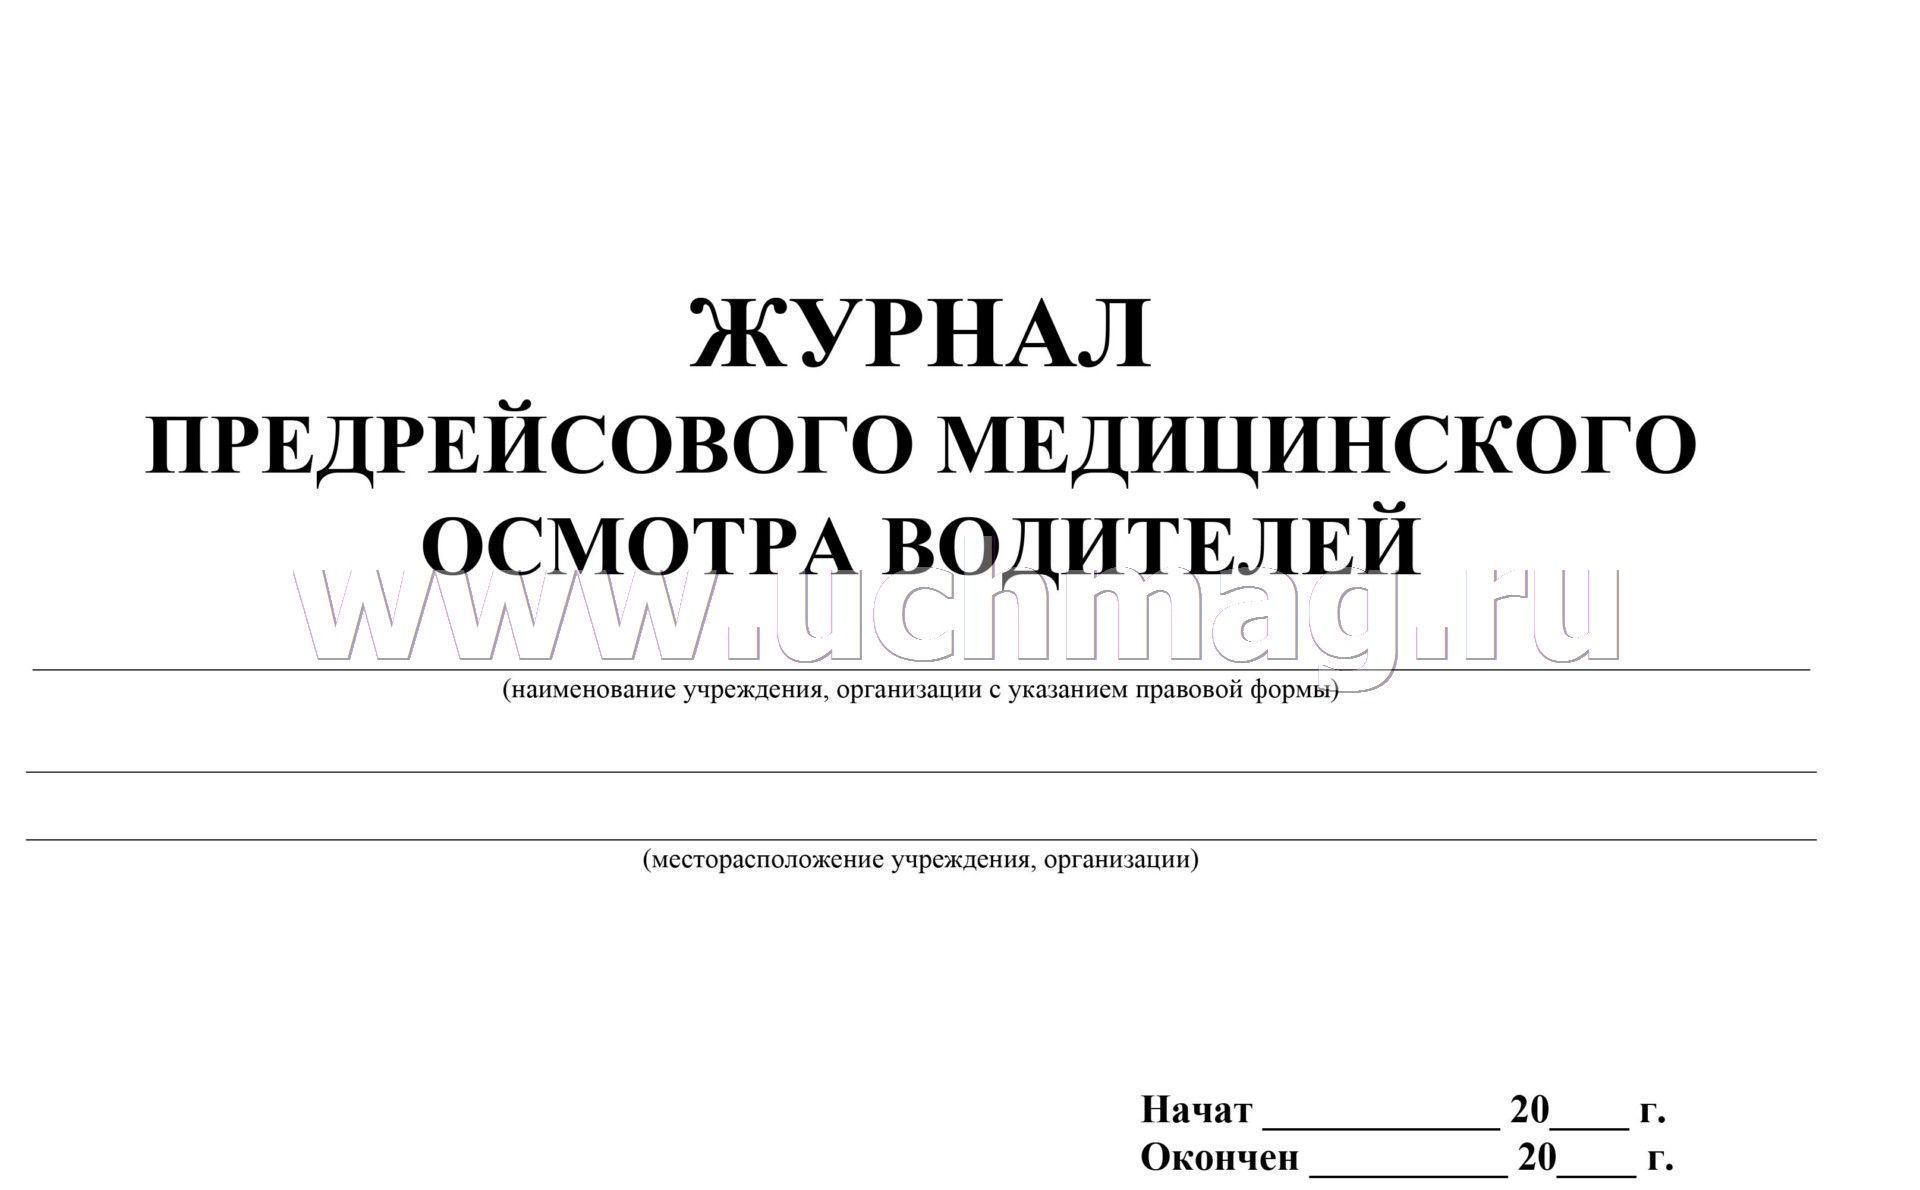 trebovaniya-k-predreysovim-meditsinskim-osmotram-voditeley